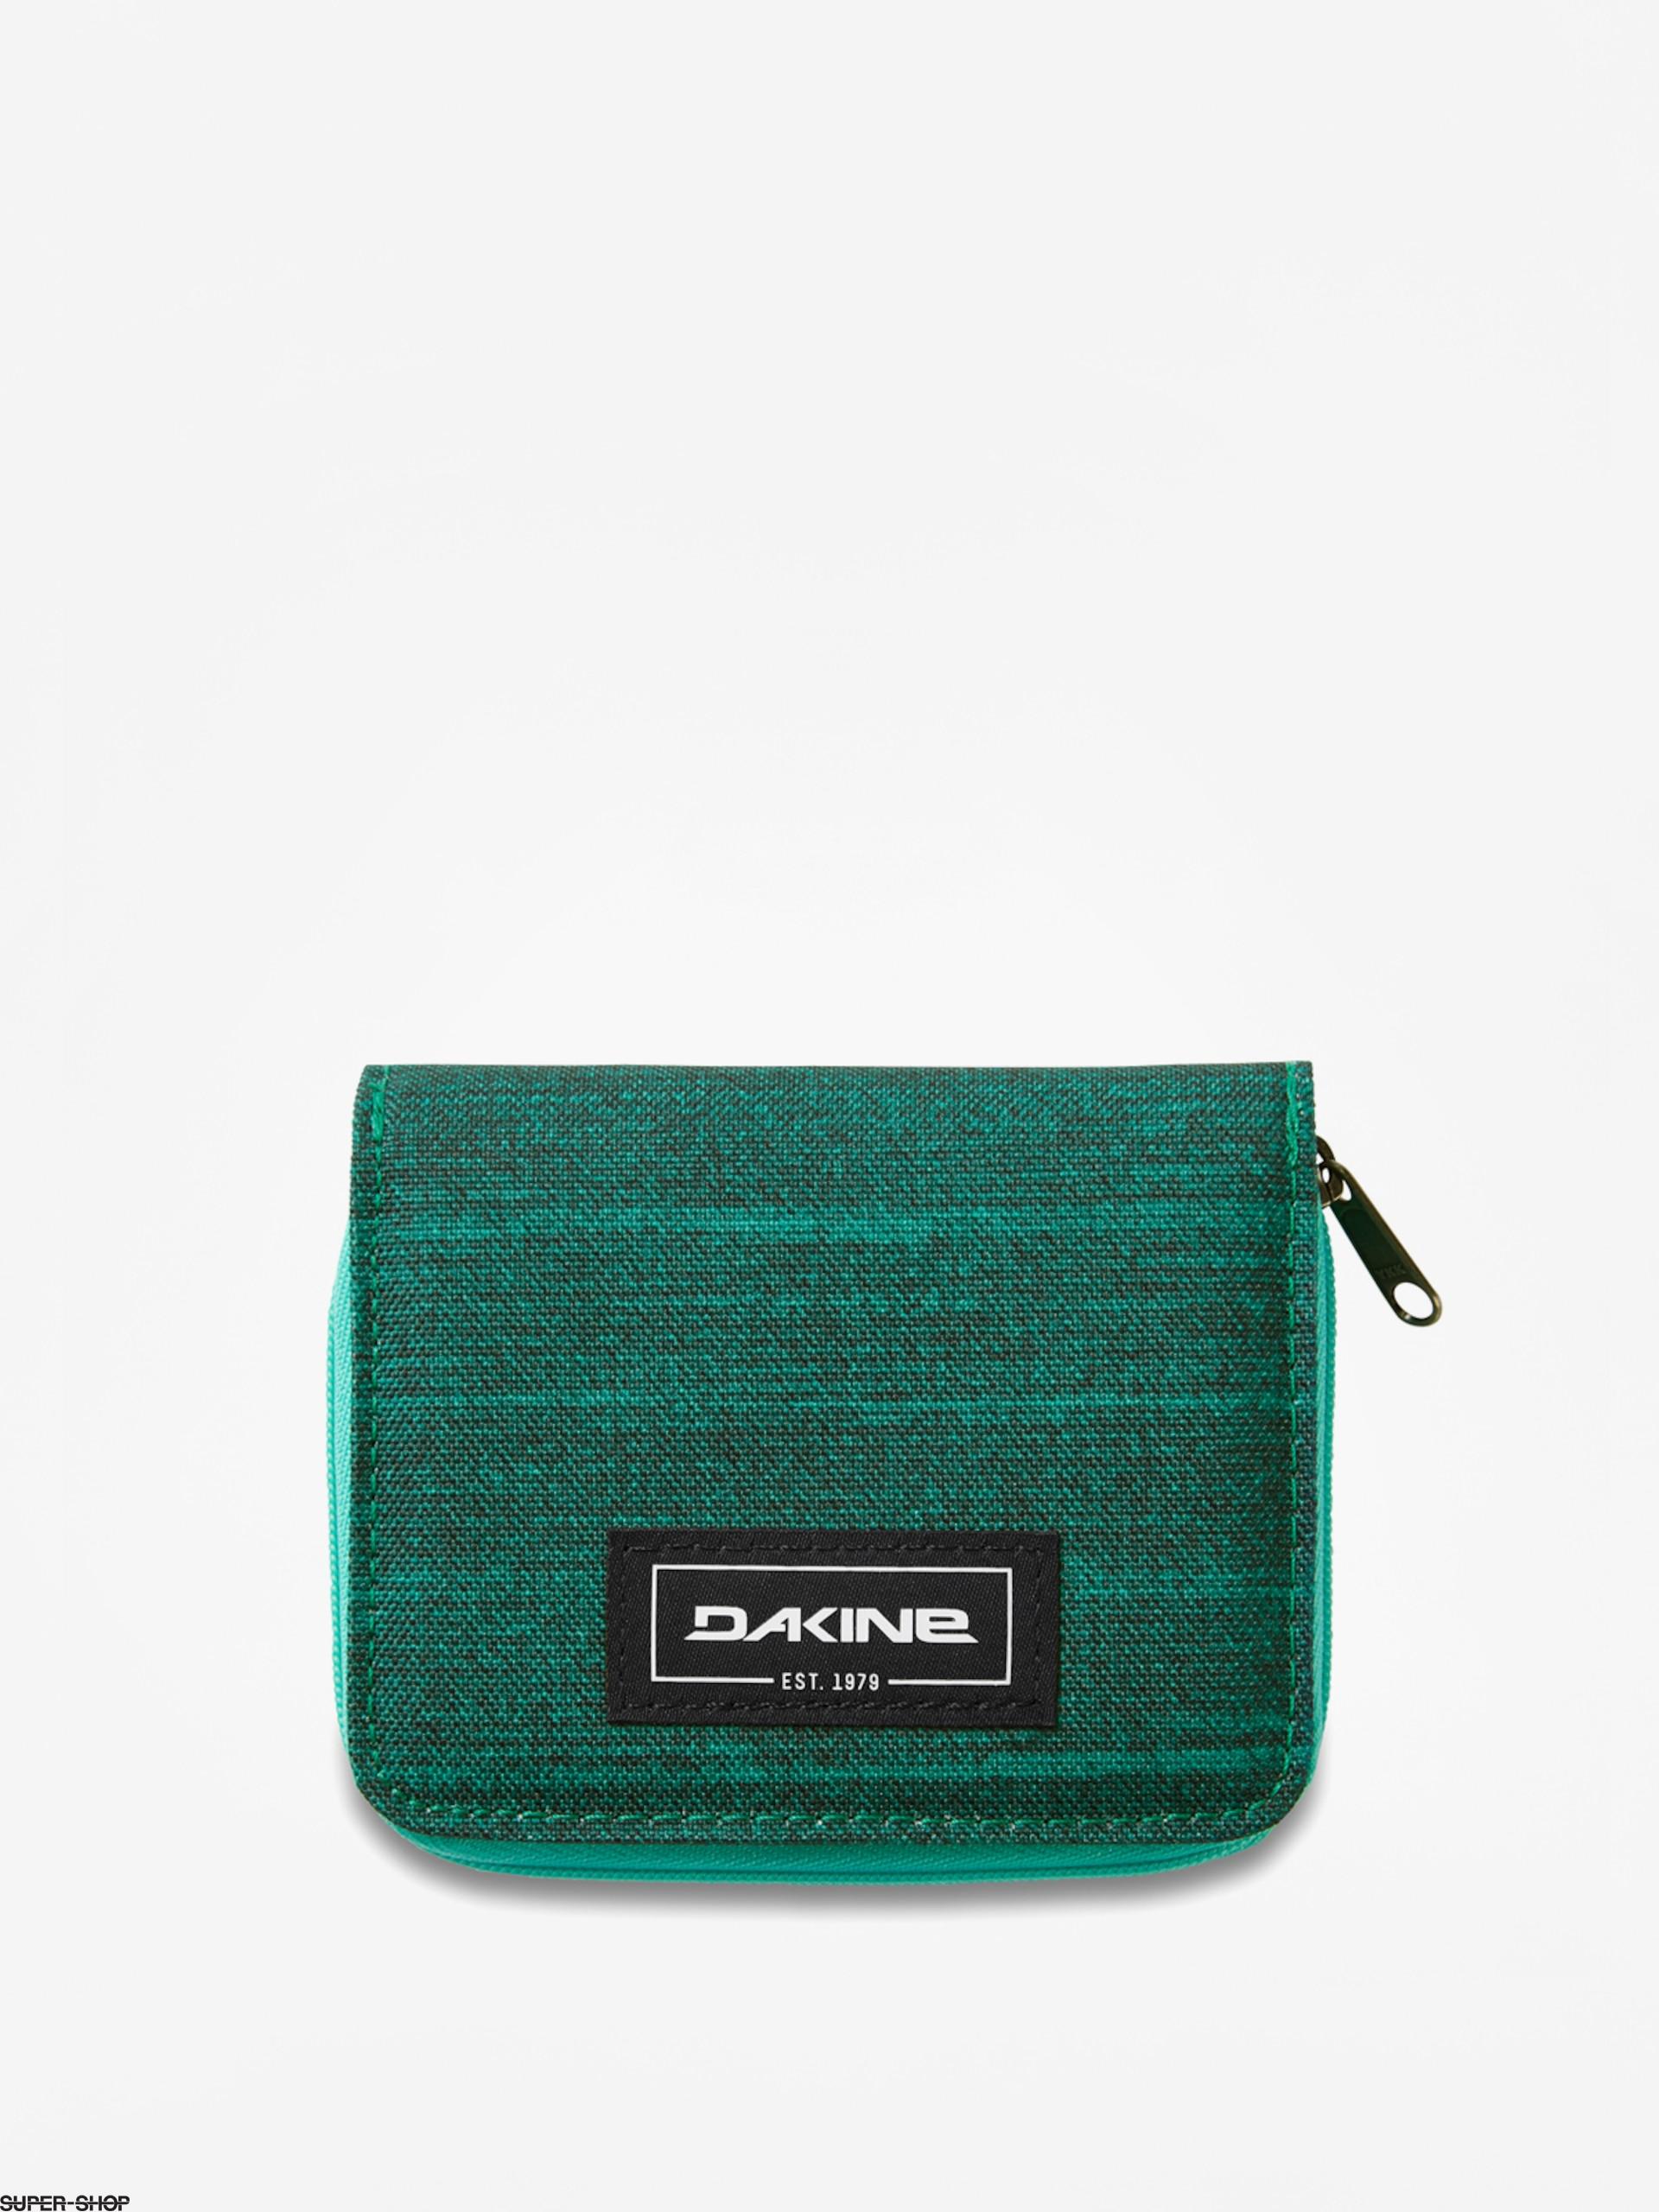 buty na tanie najlepsza wartość sprzedaż Dakine Soho Wallet Wmn (greenlake)